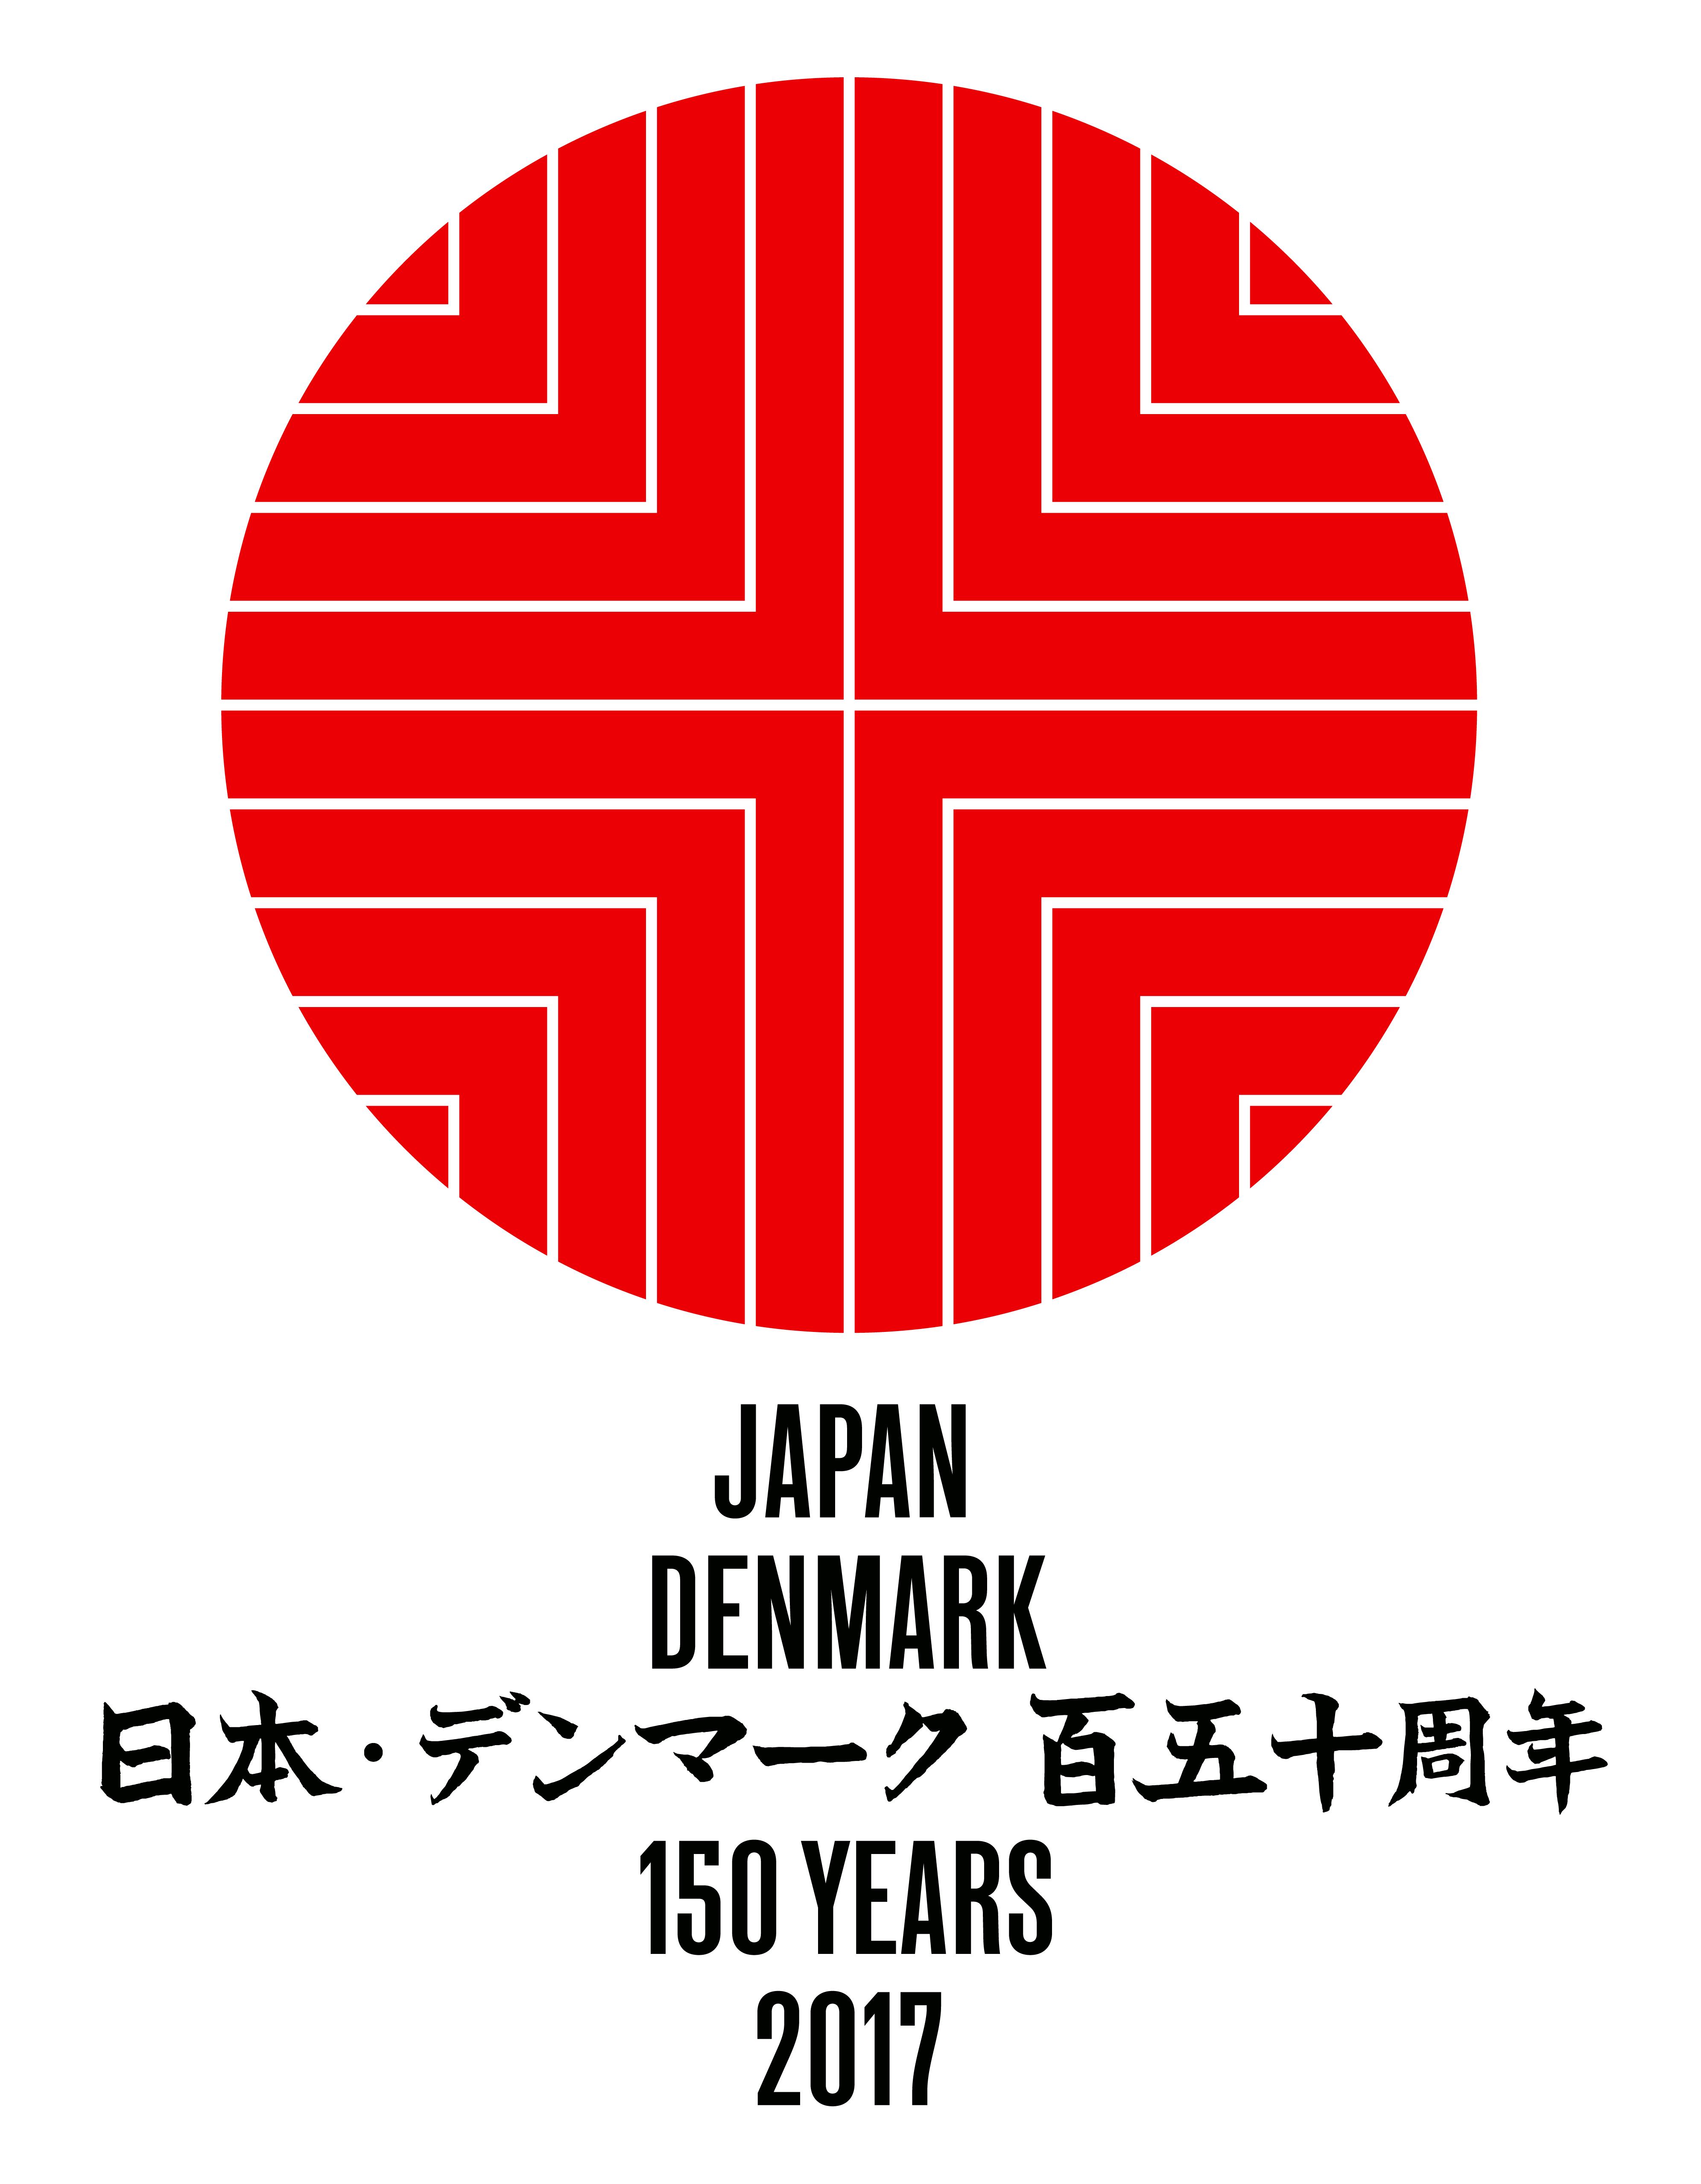 Lars Vejen Japan Denmark 150 years anniversary 2017